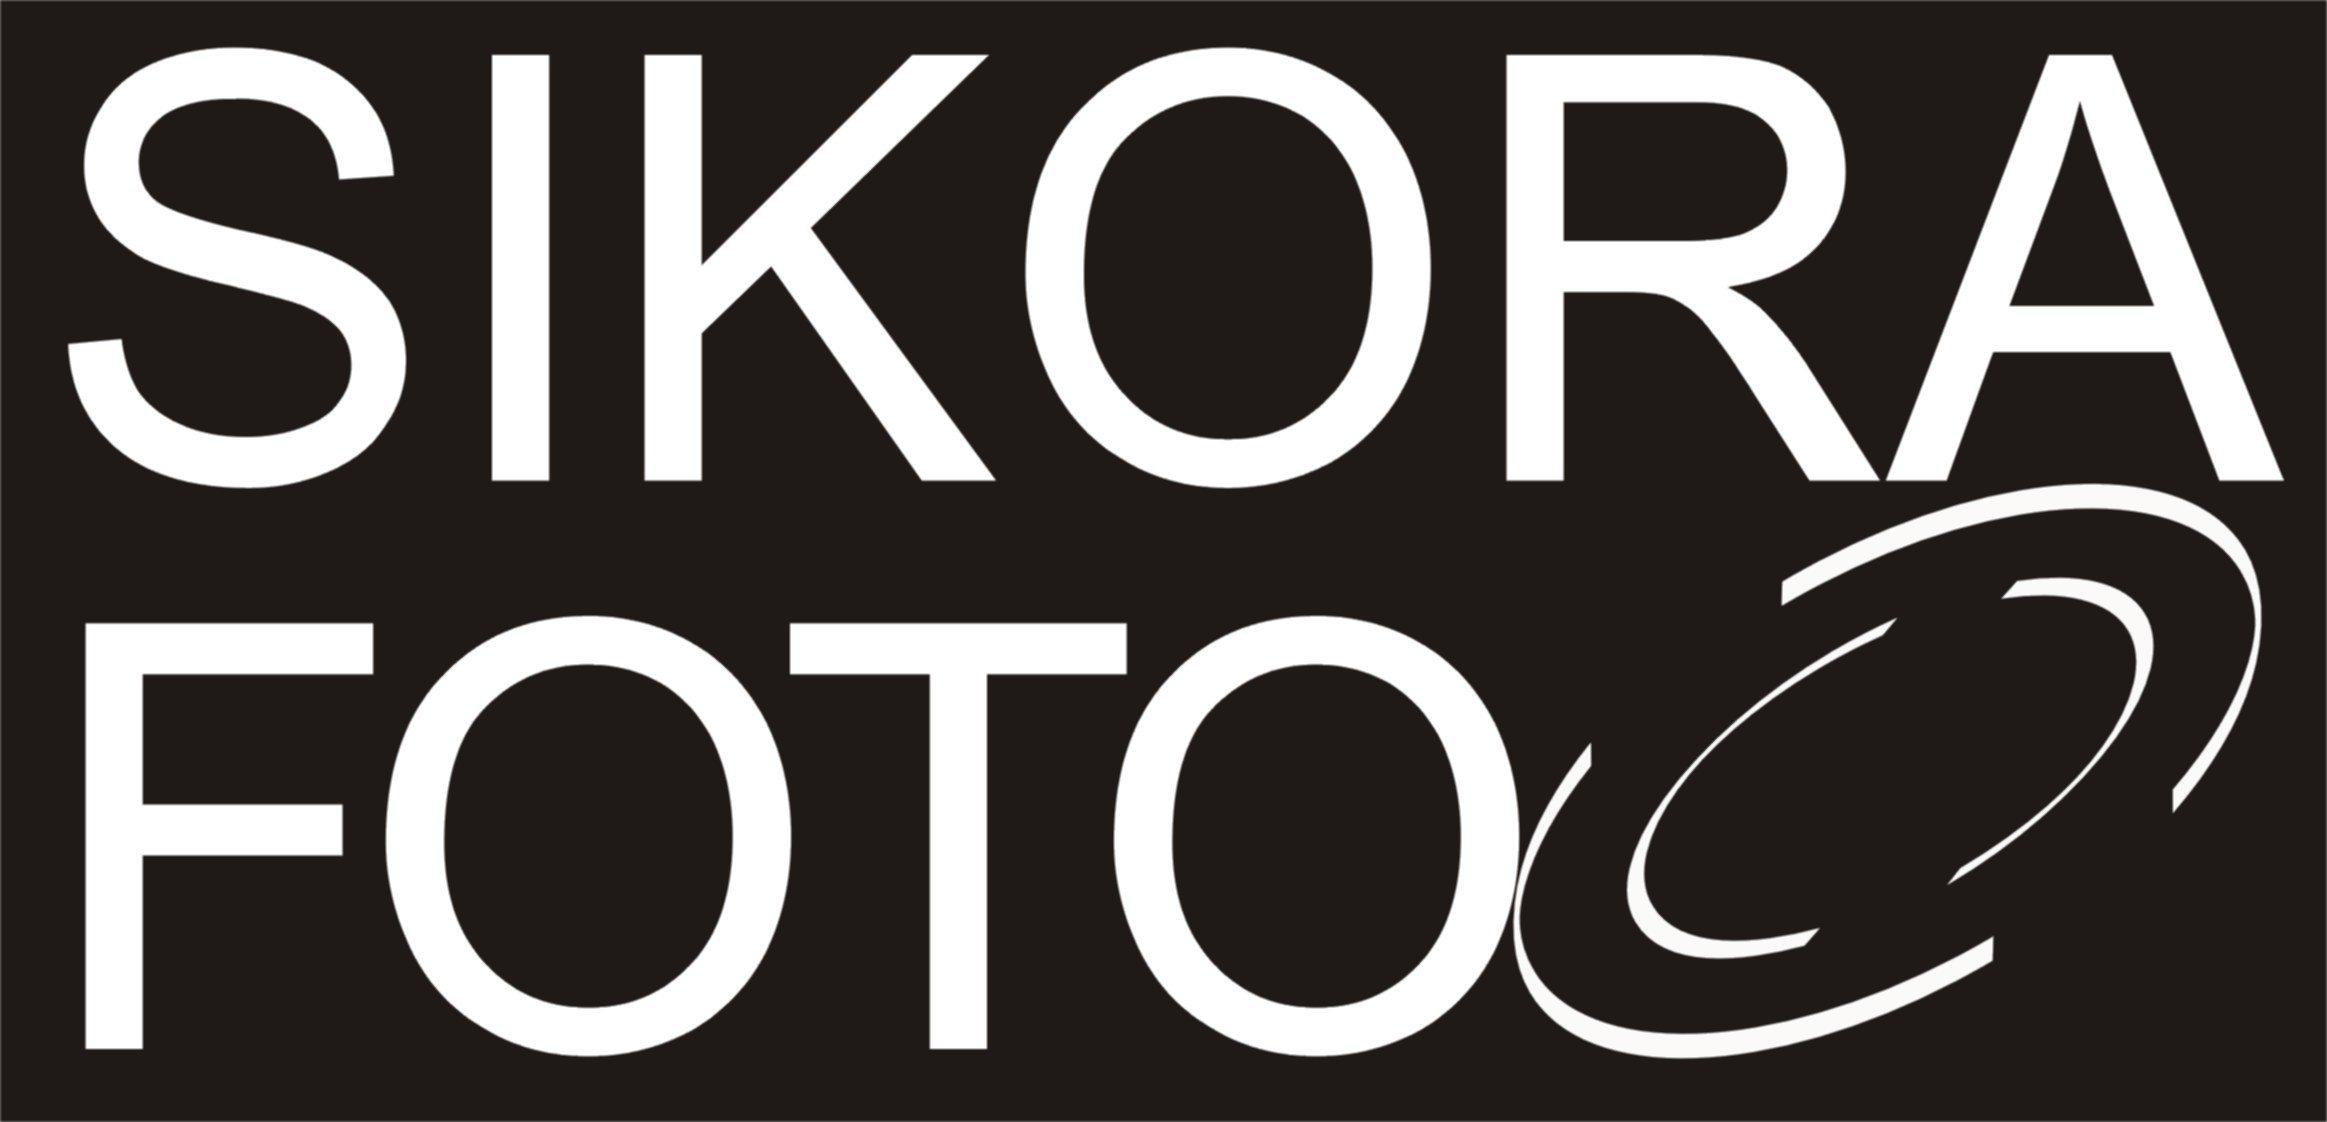 SIKORA FOTO